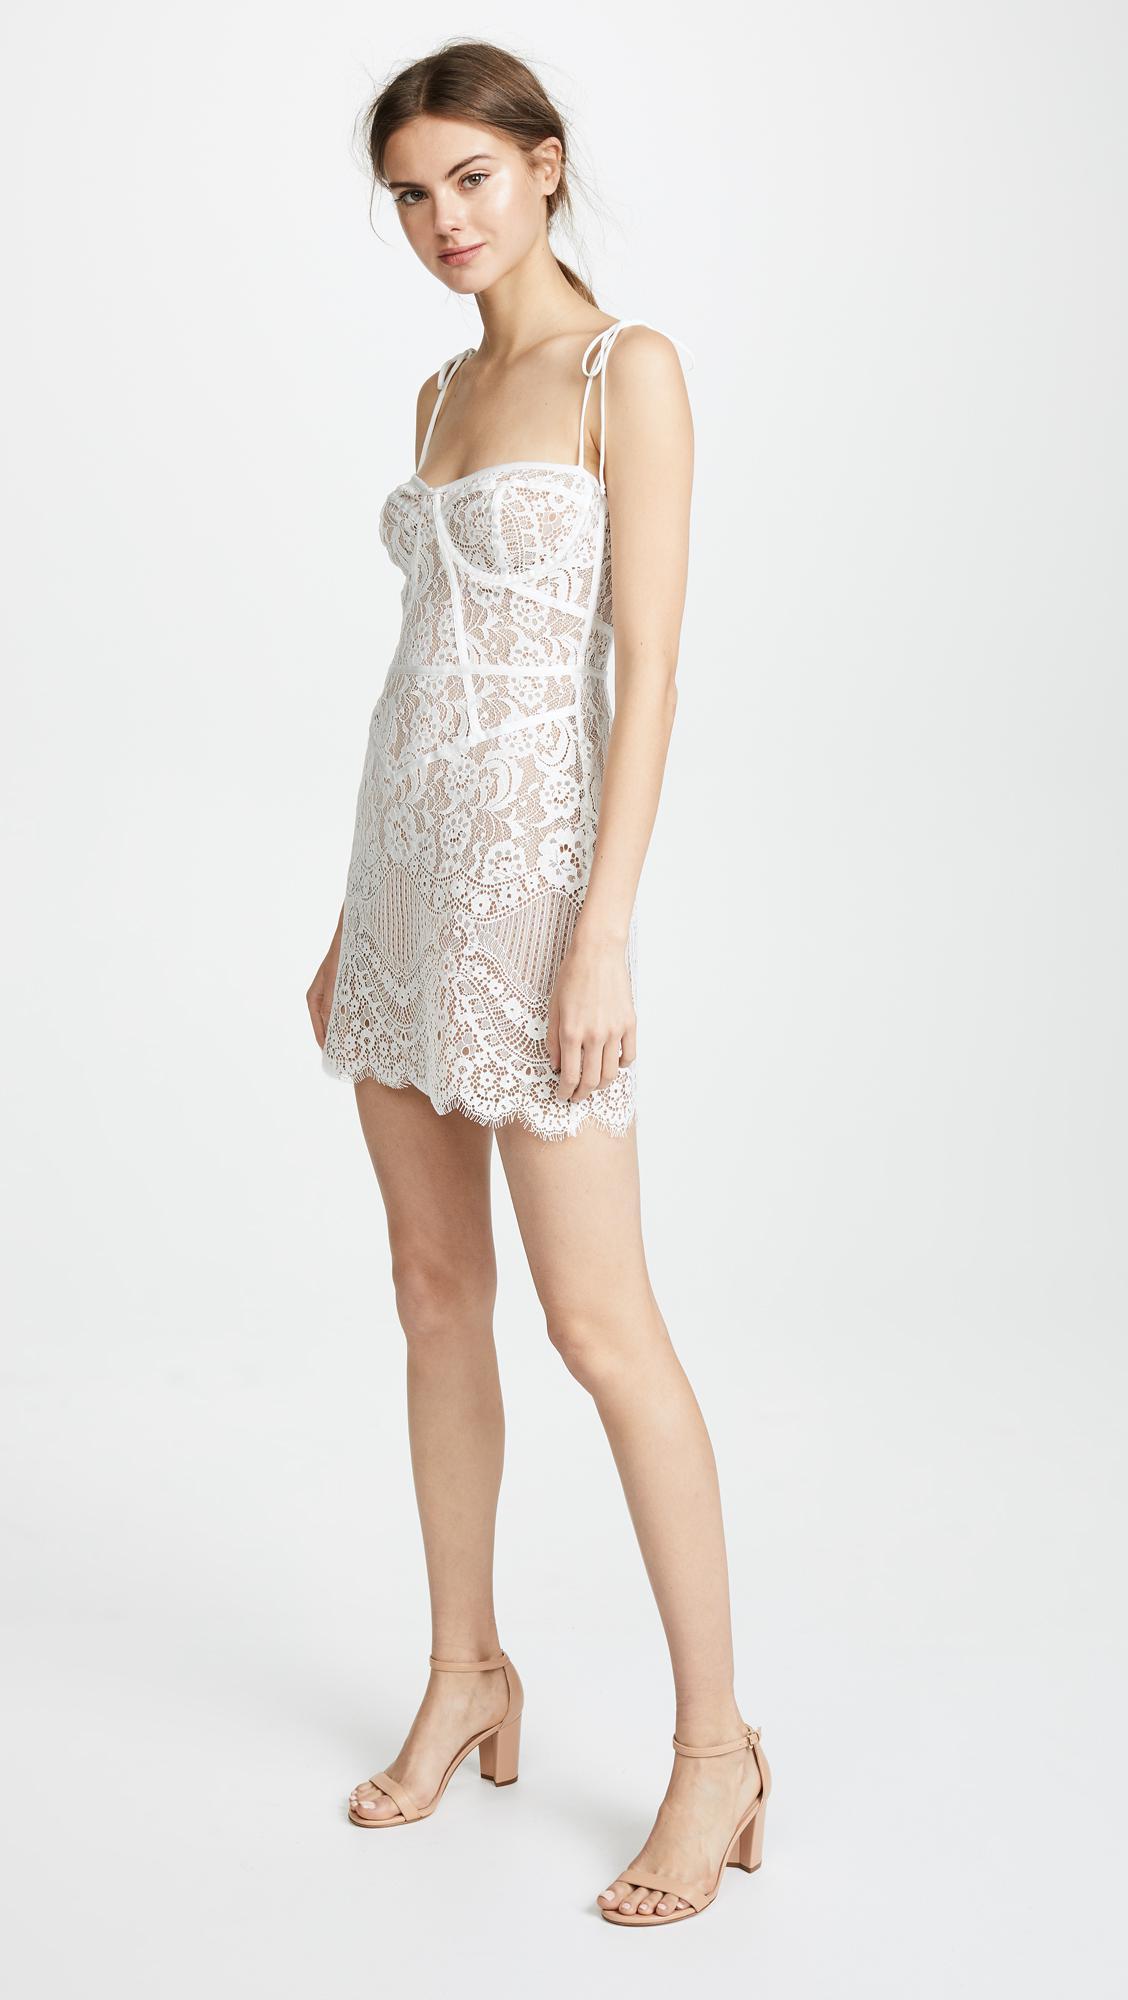 Tati Lace Corset Dress